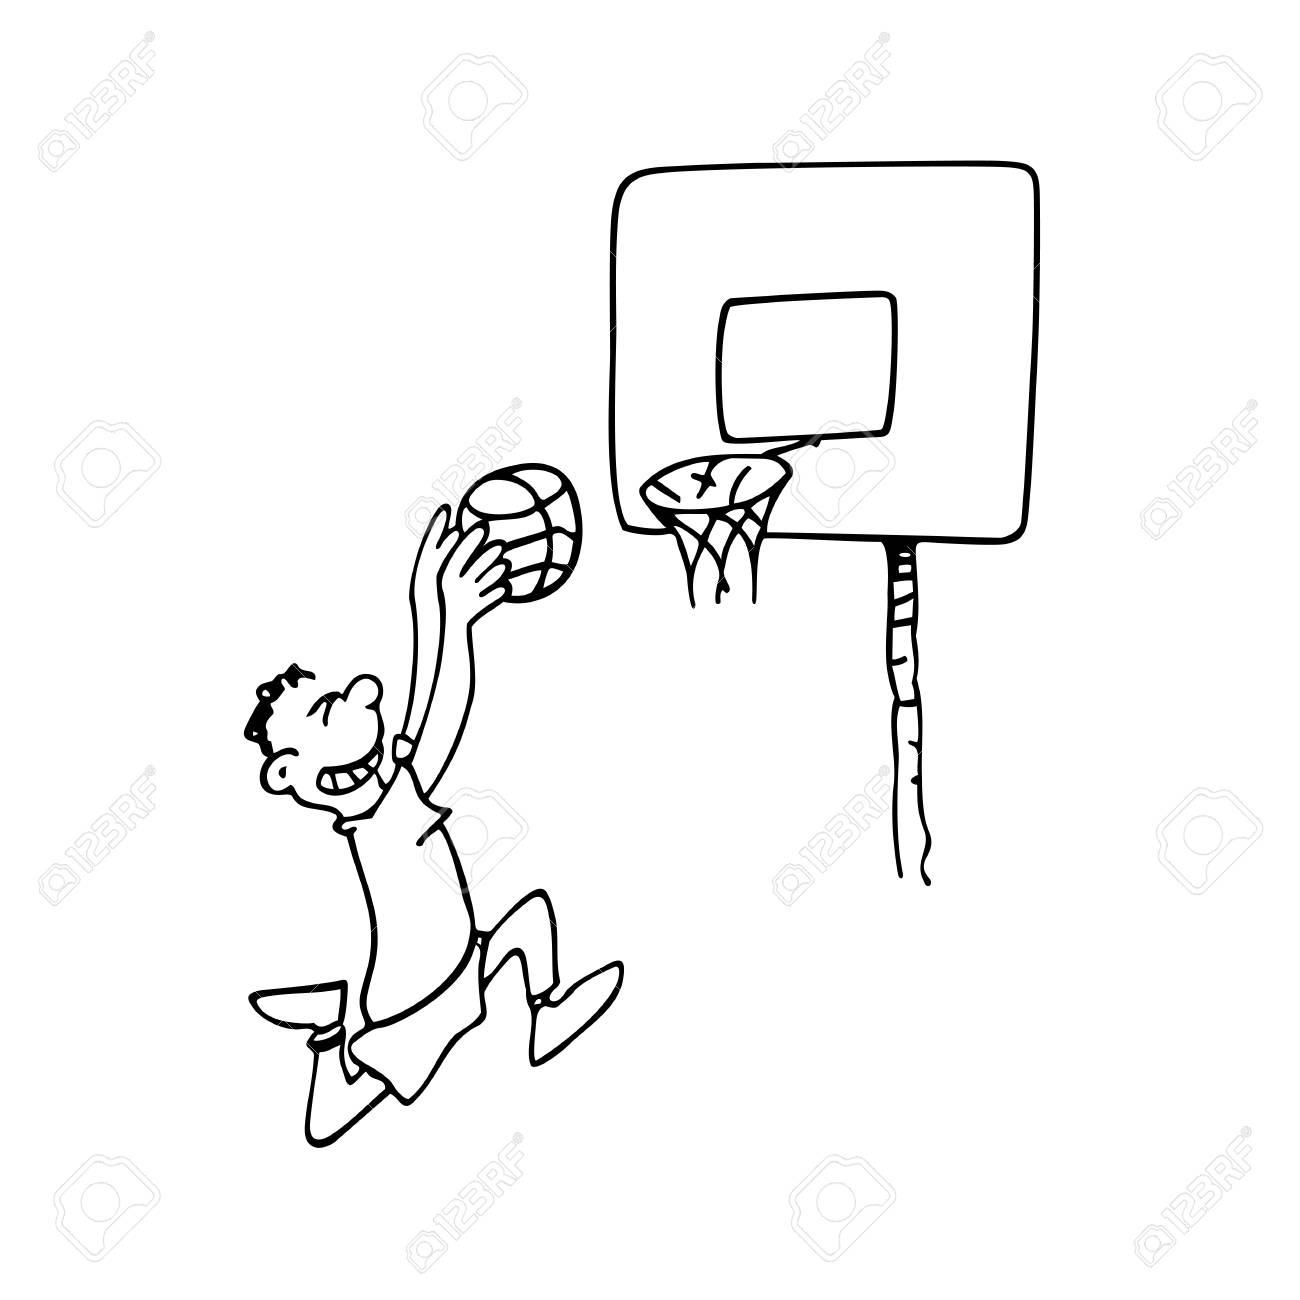 Basketball Net Drawing At Getdrawings